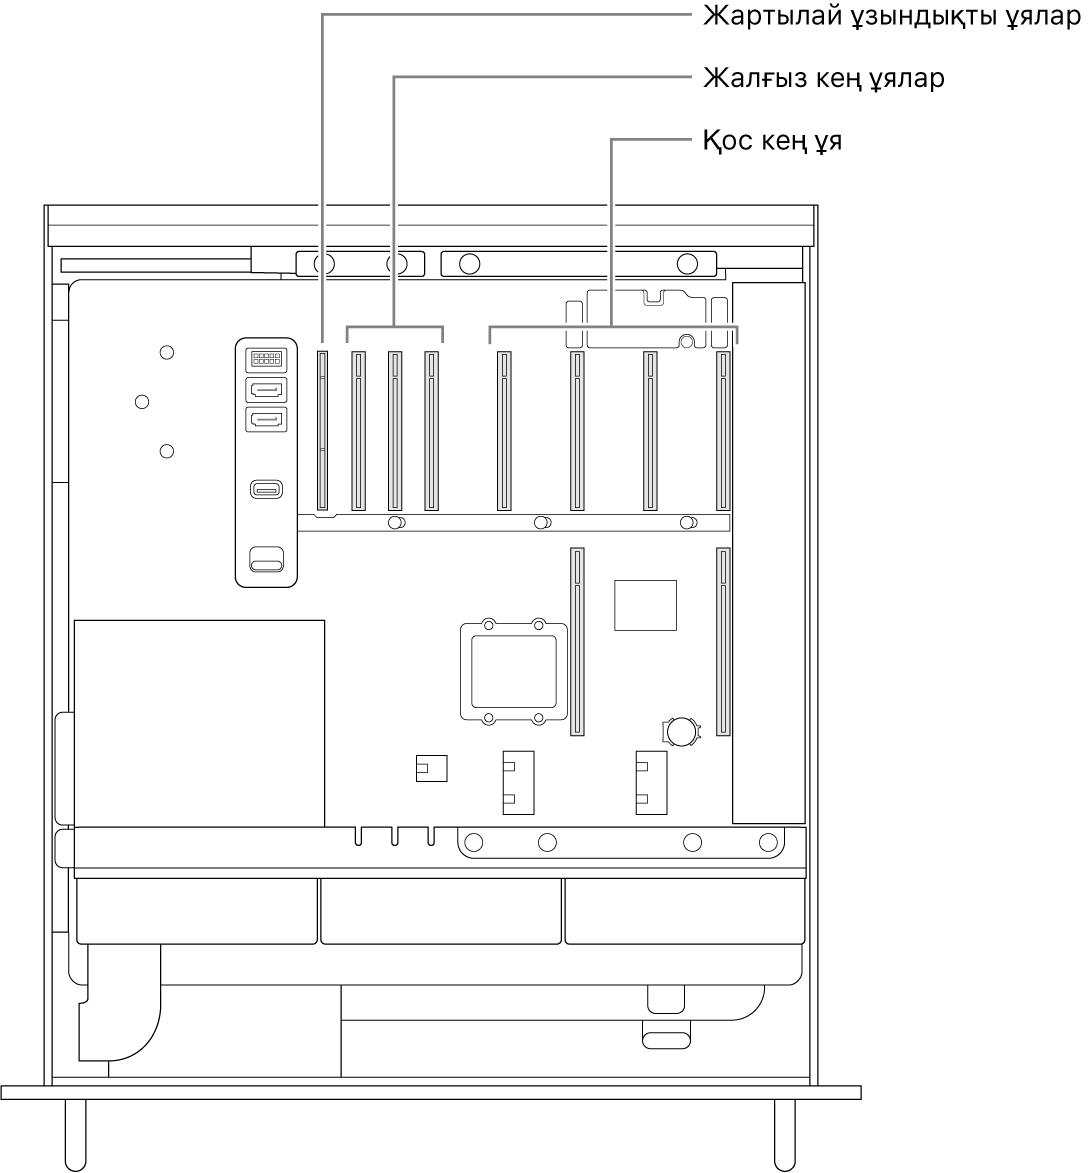 Төрт екілік кең ұяның, үш бірлік кең ұяның және жартылай ұзындықты ұяның орналасқан жерін көрсететін тілше деректері бар ашық Mac Pro компьютерінің бүйірі.